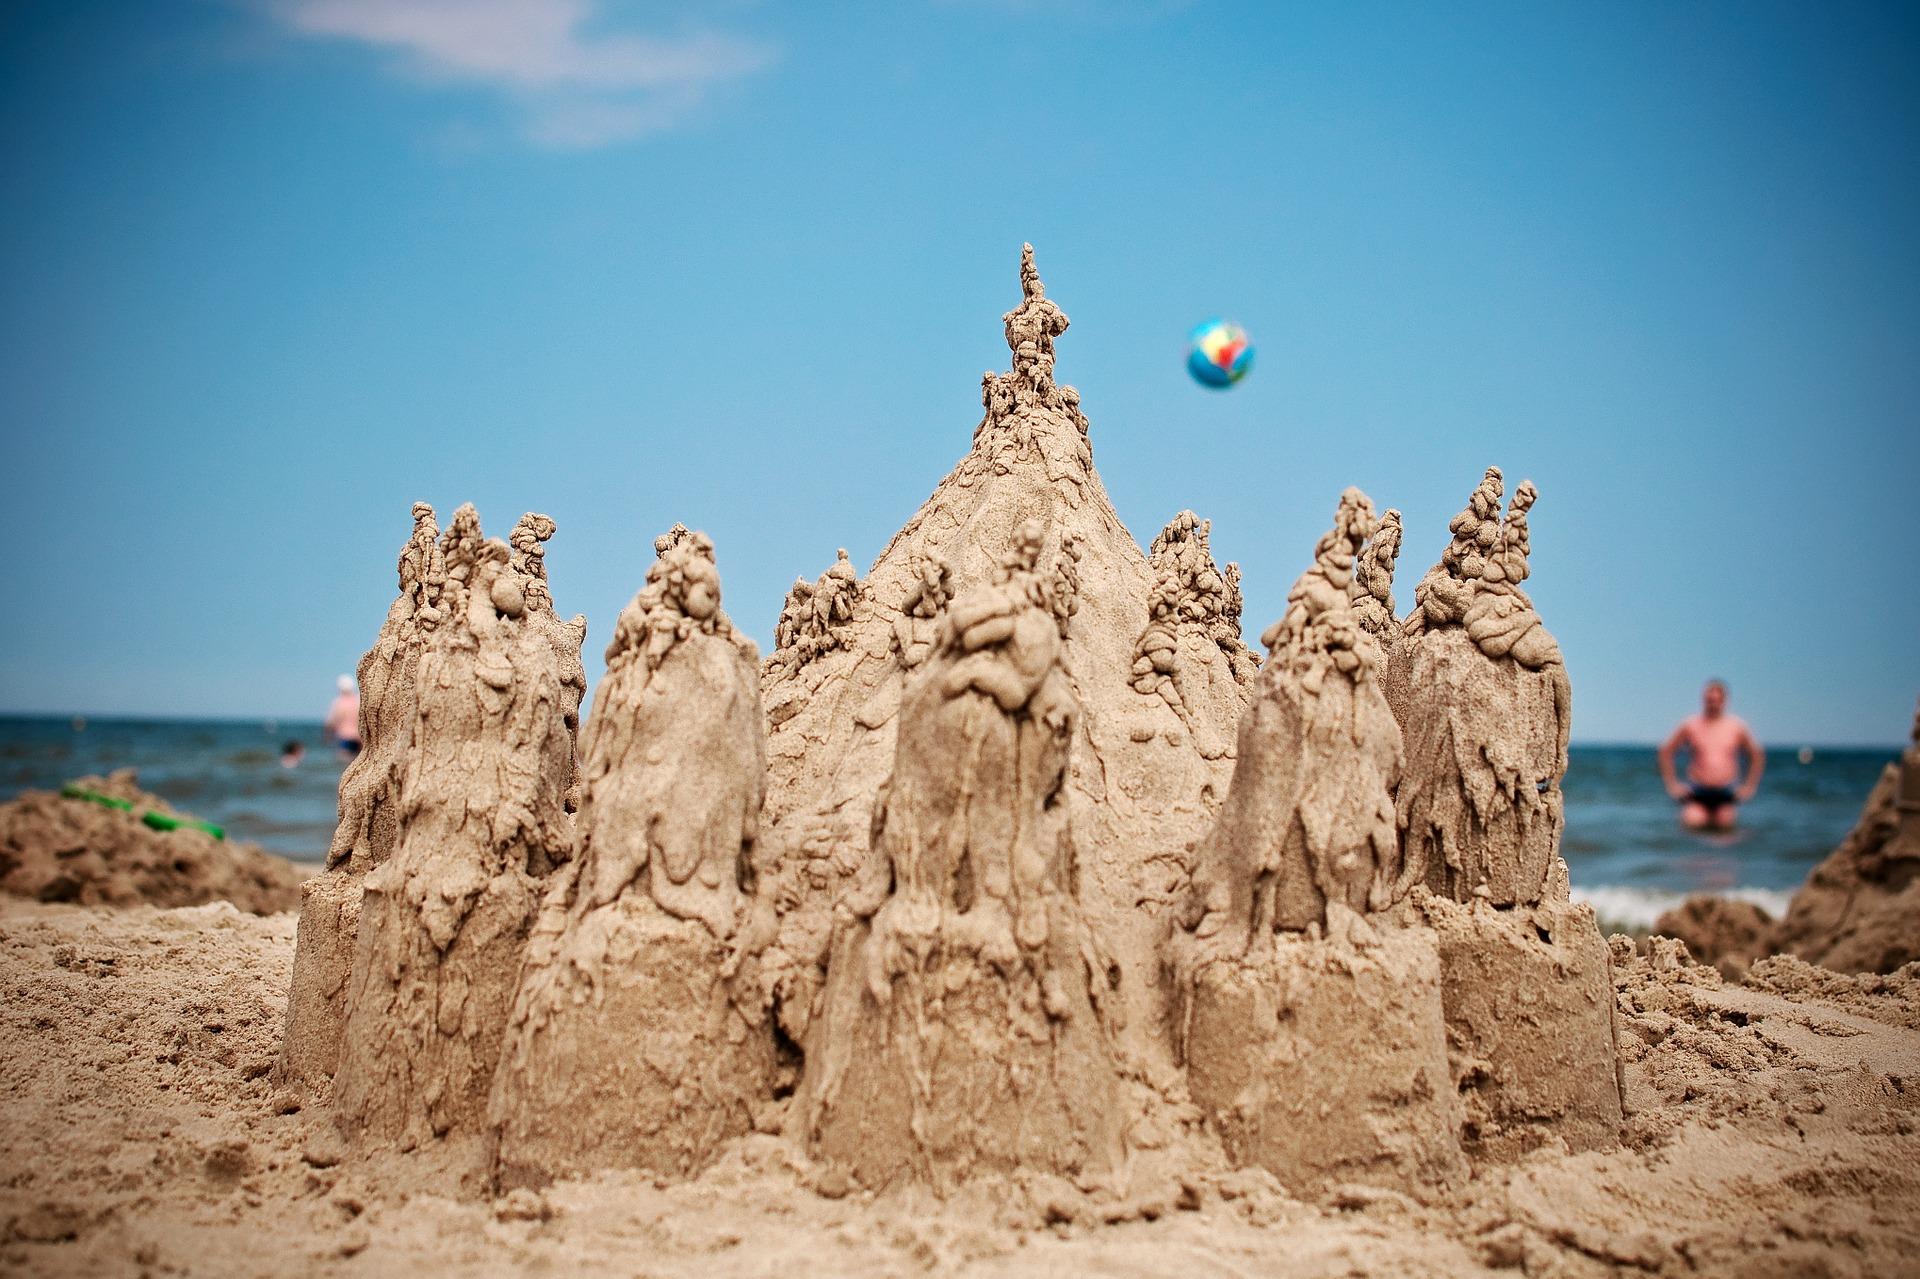 沙子城堡, 海滩, 海, 水, 夏季 - 高清壁纸 - 教授-falken.com